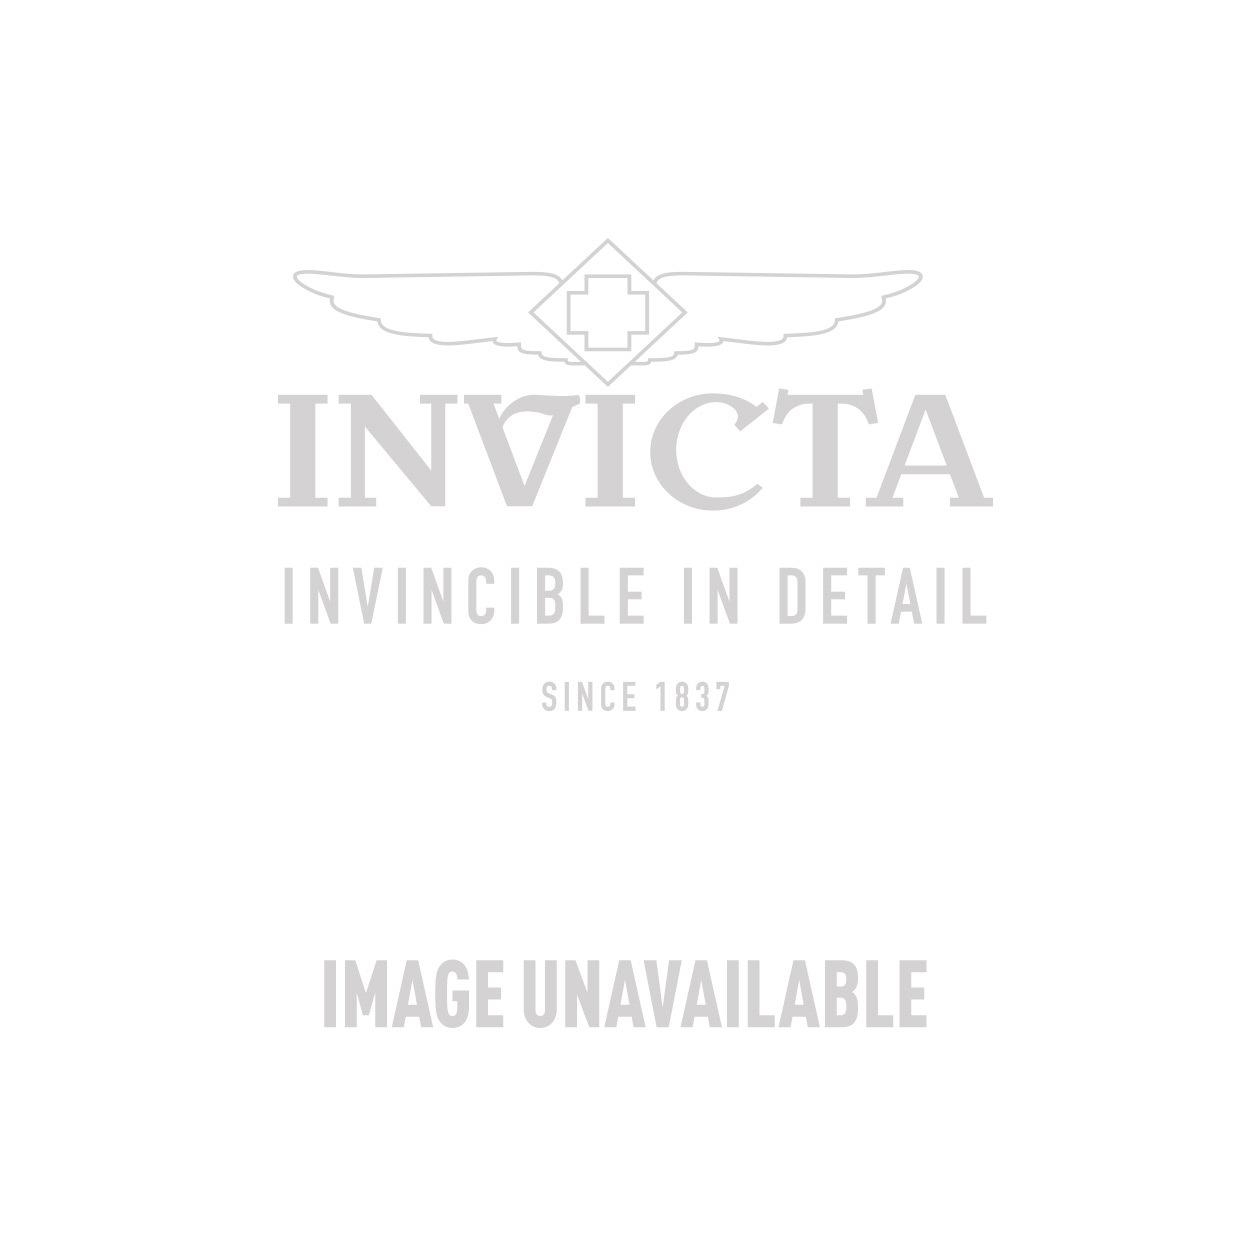 Invicta Model 24791